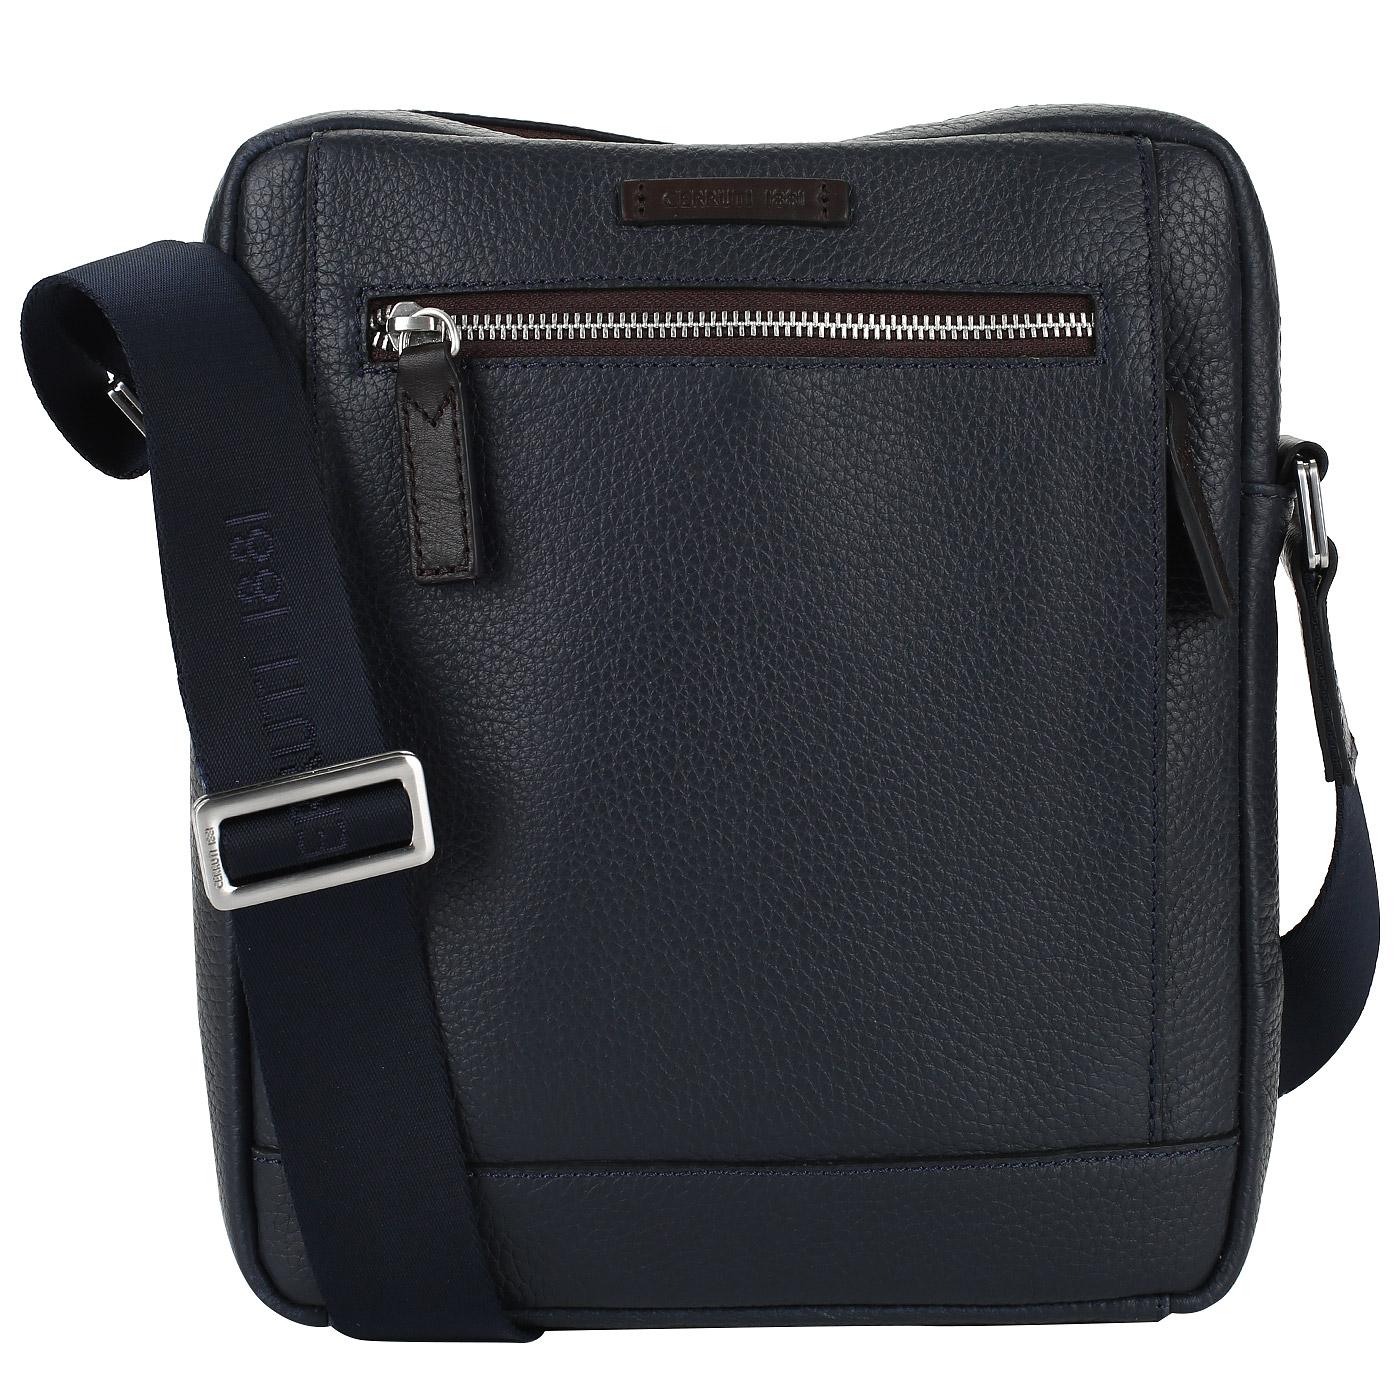 6efd80fe46a7 Мужская сумка-планшет из кожи Cerruti 1881 Monaco CEBO02632M_blue ...